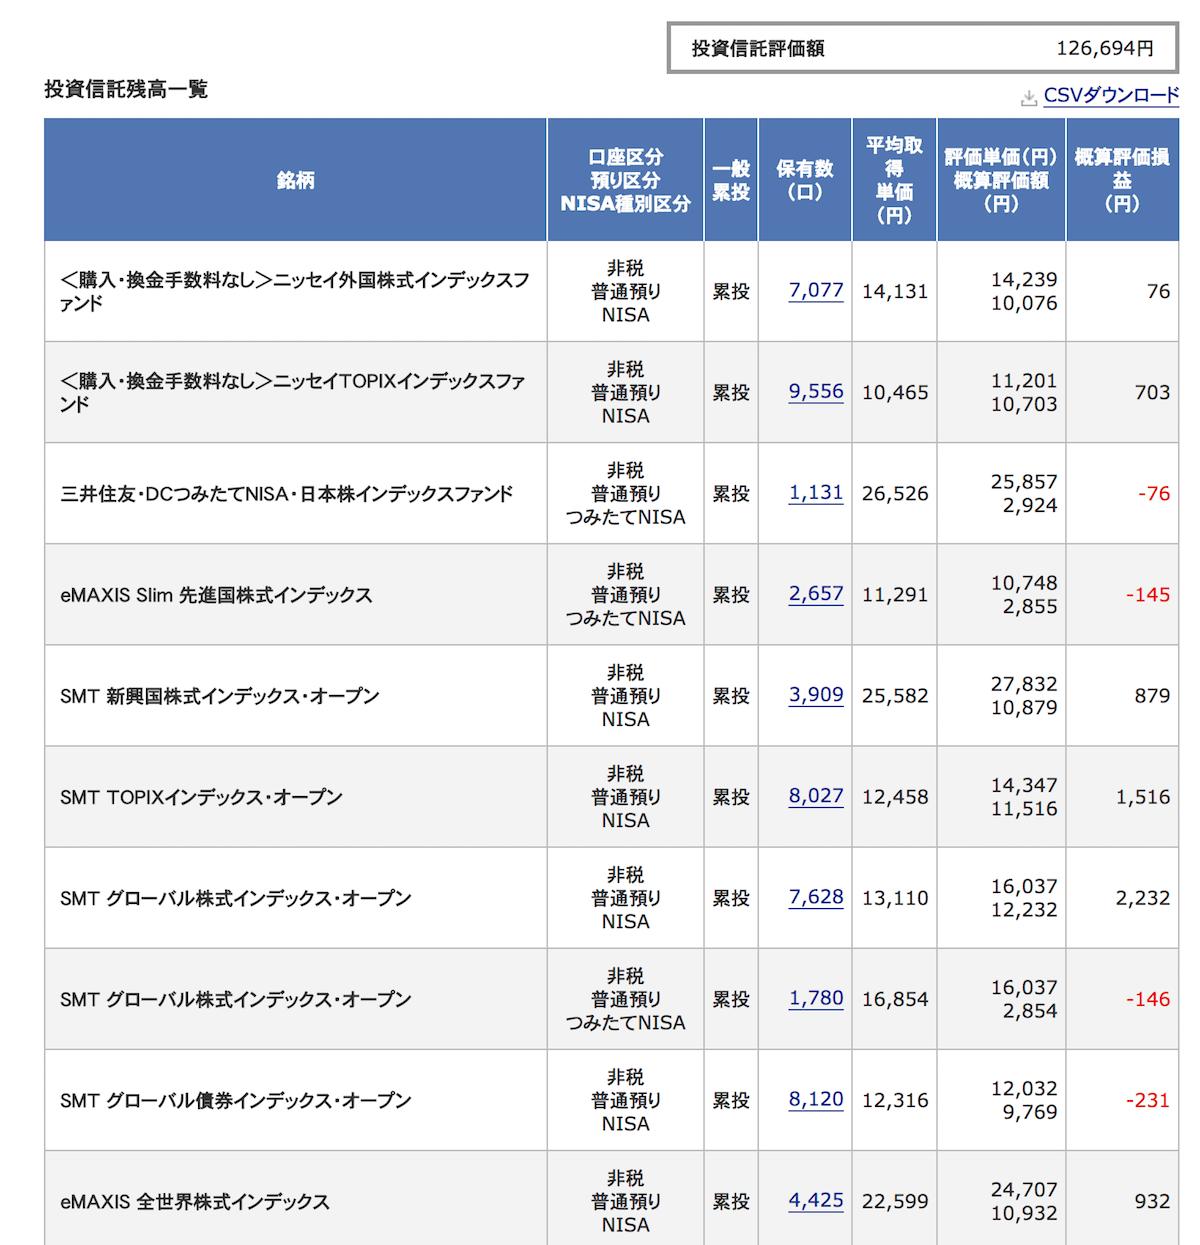 投資信託結果 20180331-1